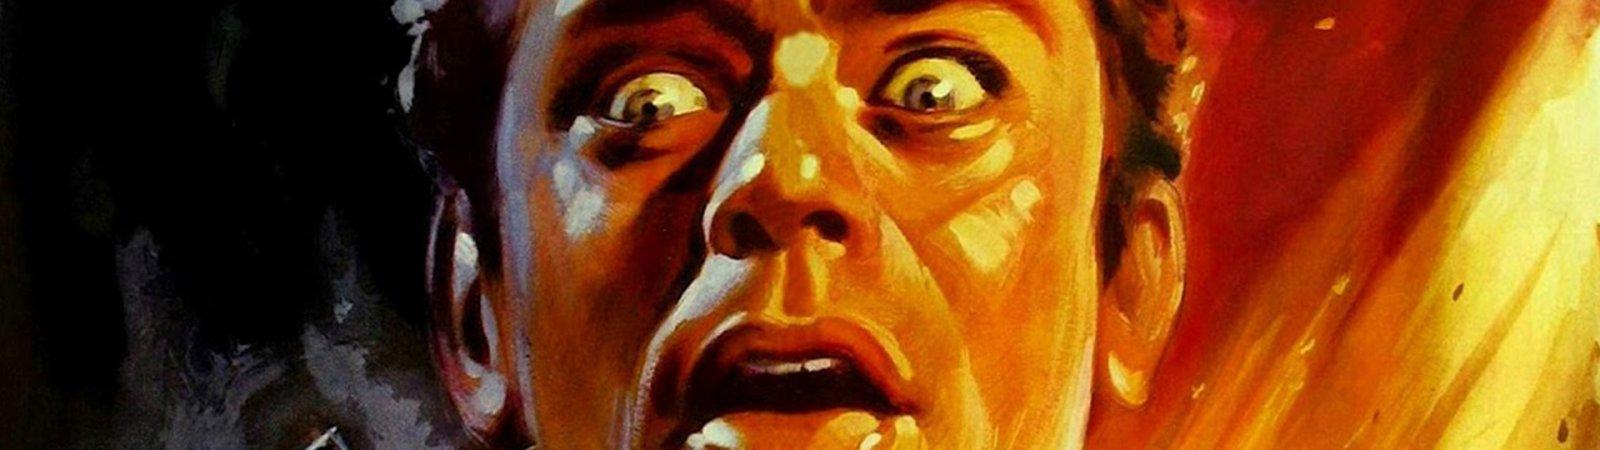 Photo du film : Les deux visages du docteur jekyll